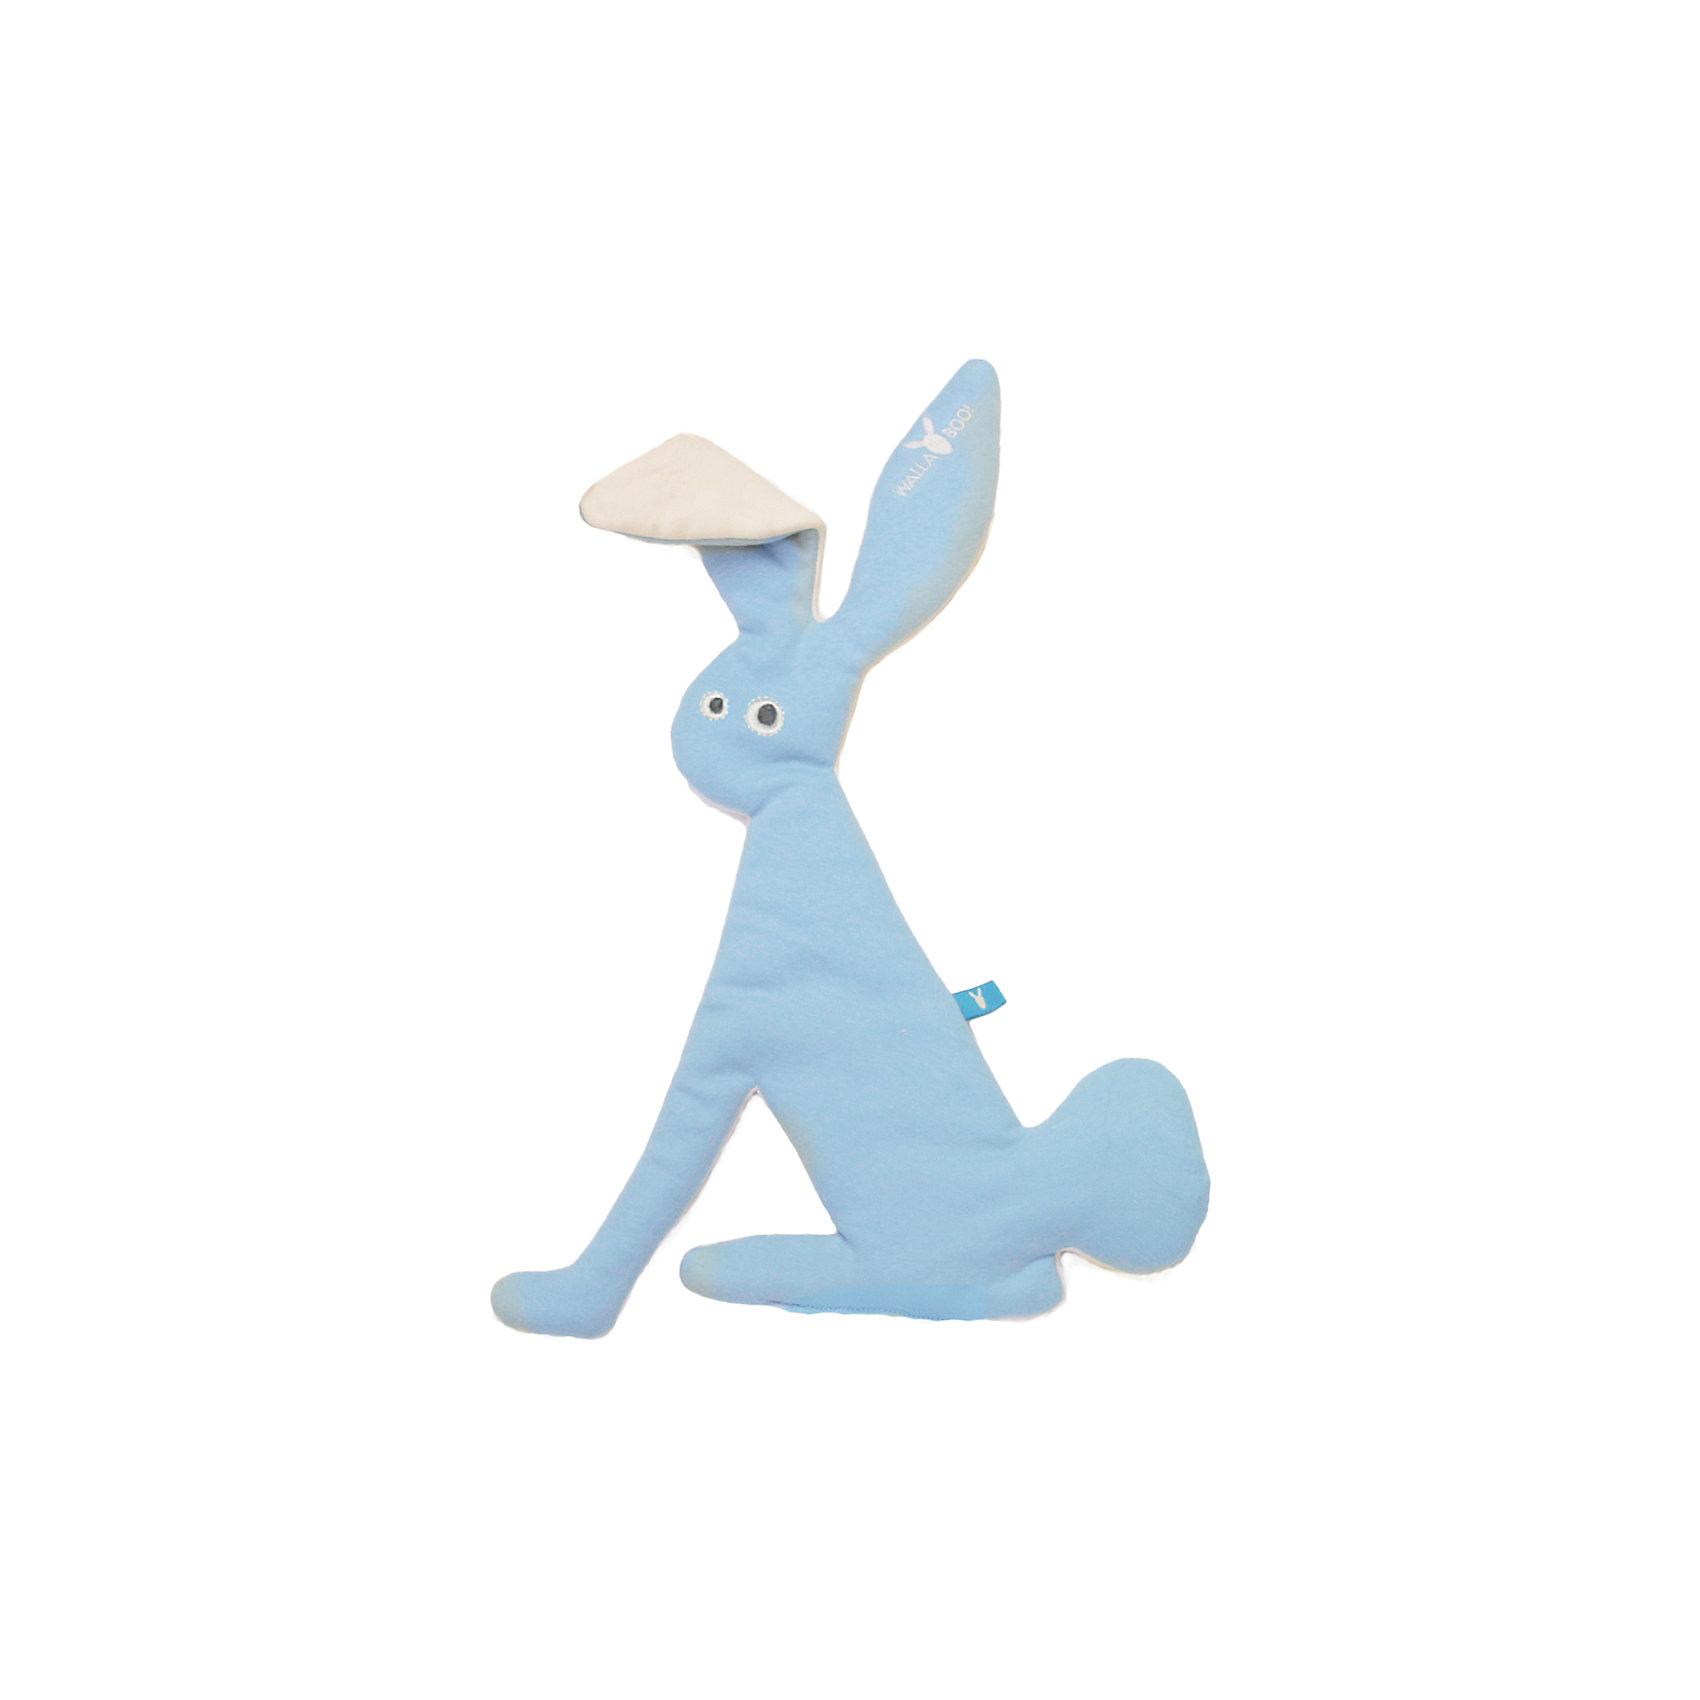 Комфортер-игрушка заяц, Wallaboo, голубой,Комфортеры<br>Характеристики:<br><br>• особое плетение нитей дает ощущение прохлады;<br>• ткань игрушки: муслин;<br>• после стирки ткань становится мягче и приятнее на ощупь;<br>• комфортер стирается при температуре 30 градусов;<br>• игрушку можно использовать на этапе прорезывания зубов при повышенном слюноотделении;<br>• вес игрушки: 250 г.<br><br>Комфортер-игрушка заяц, Wallaboo, голубой можно купить в нашем интернет-магазине.<br><br>Ширина мм: 800<br>Глубина мм: 800<br>Высота мм: 50<br>Вес г: 250<br>Возраст от месяцев: 0<br>Возраст до месяцев: 12<br>Пол: Унисекс<br>Возраст: Детский<br>SKU: 5445062